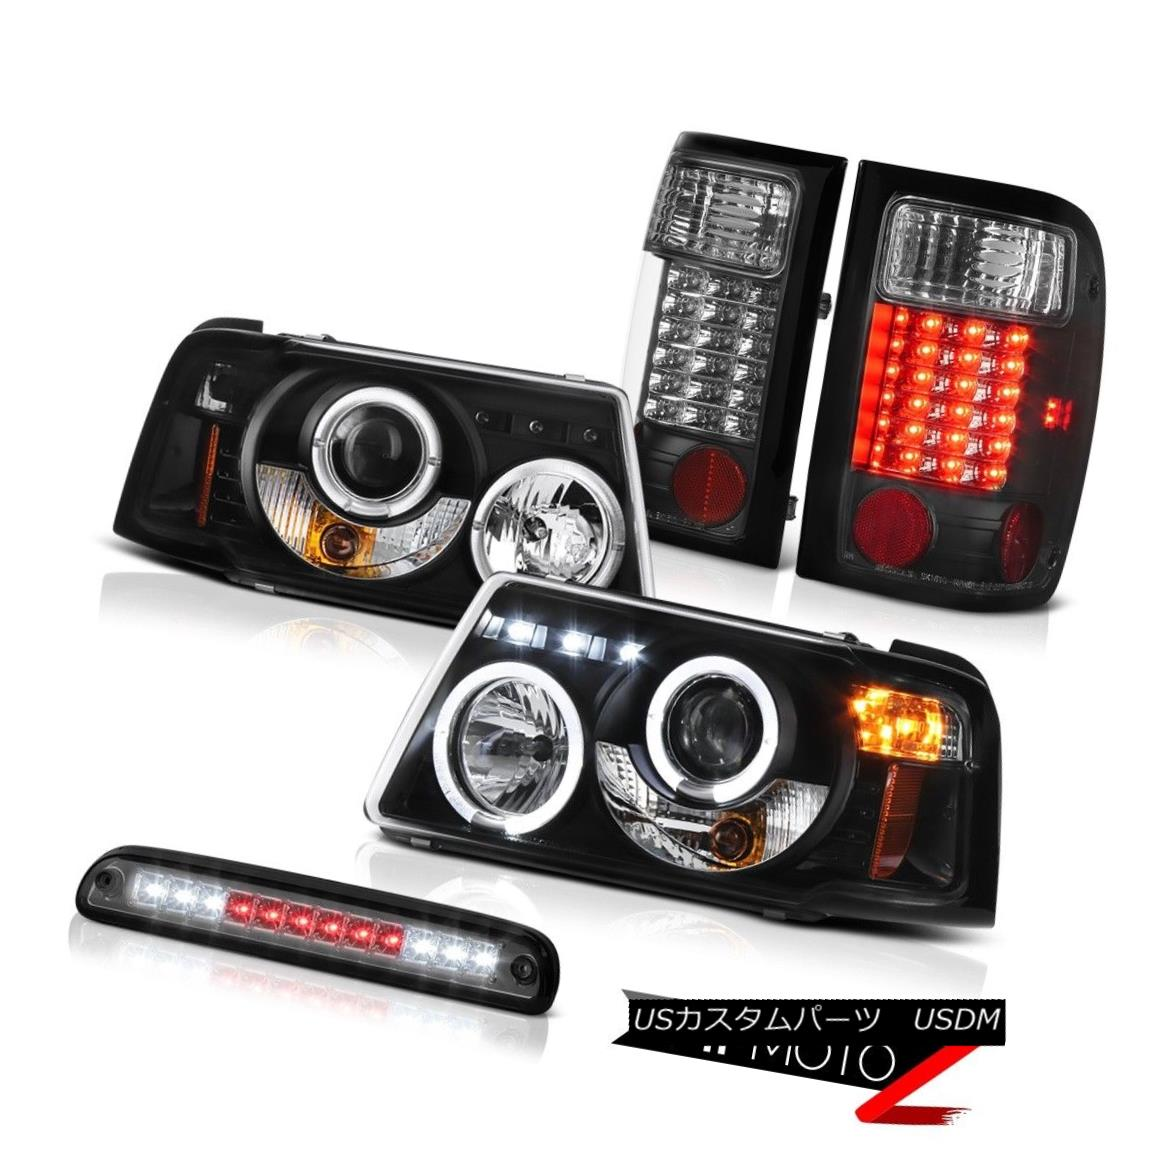 テールライト LED Daytime Projector Bulbs Tail Lights 3rd Brake Smoke 01-11 Ford Ranger Edge LEDデイタイムプロジェクター電球テールライト3rdブレーキスモーク01-11 Ford Ranger Edge